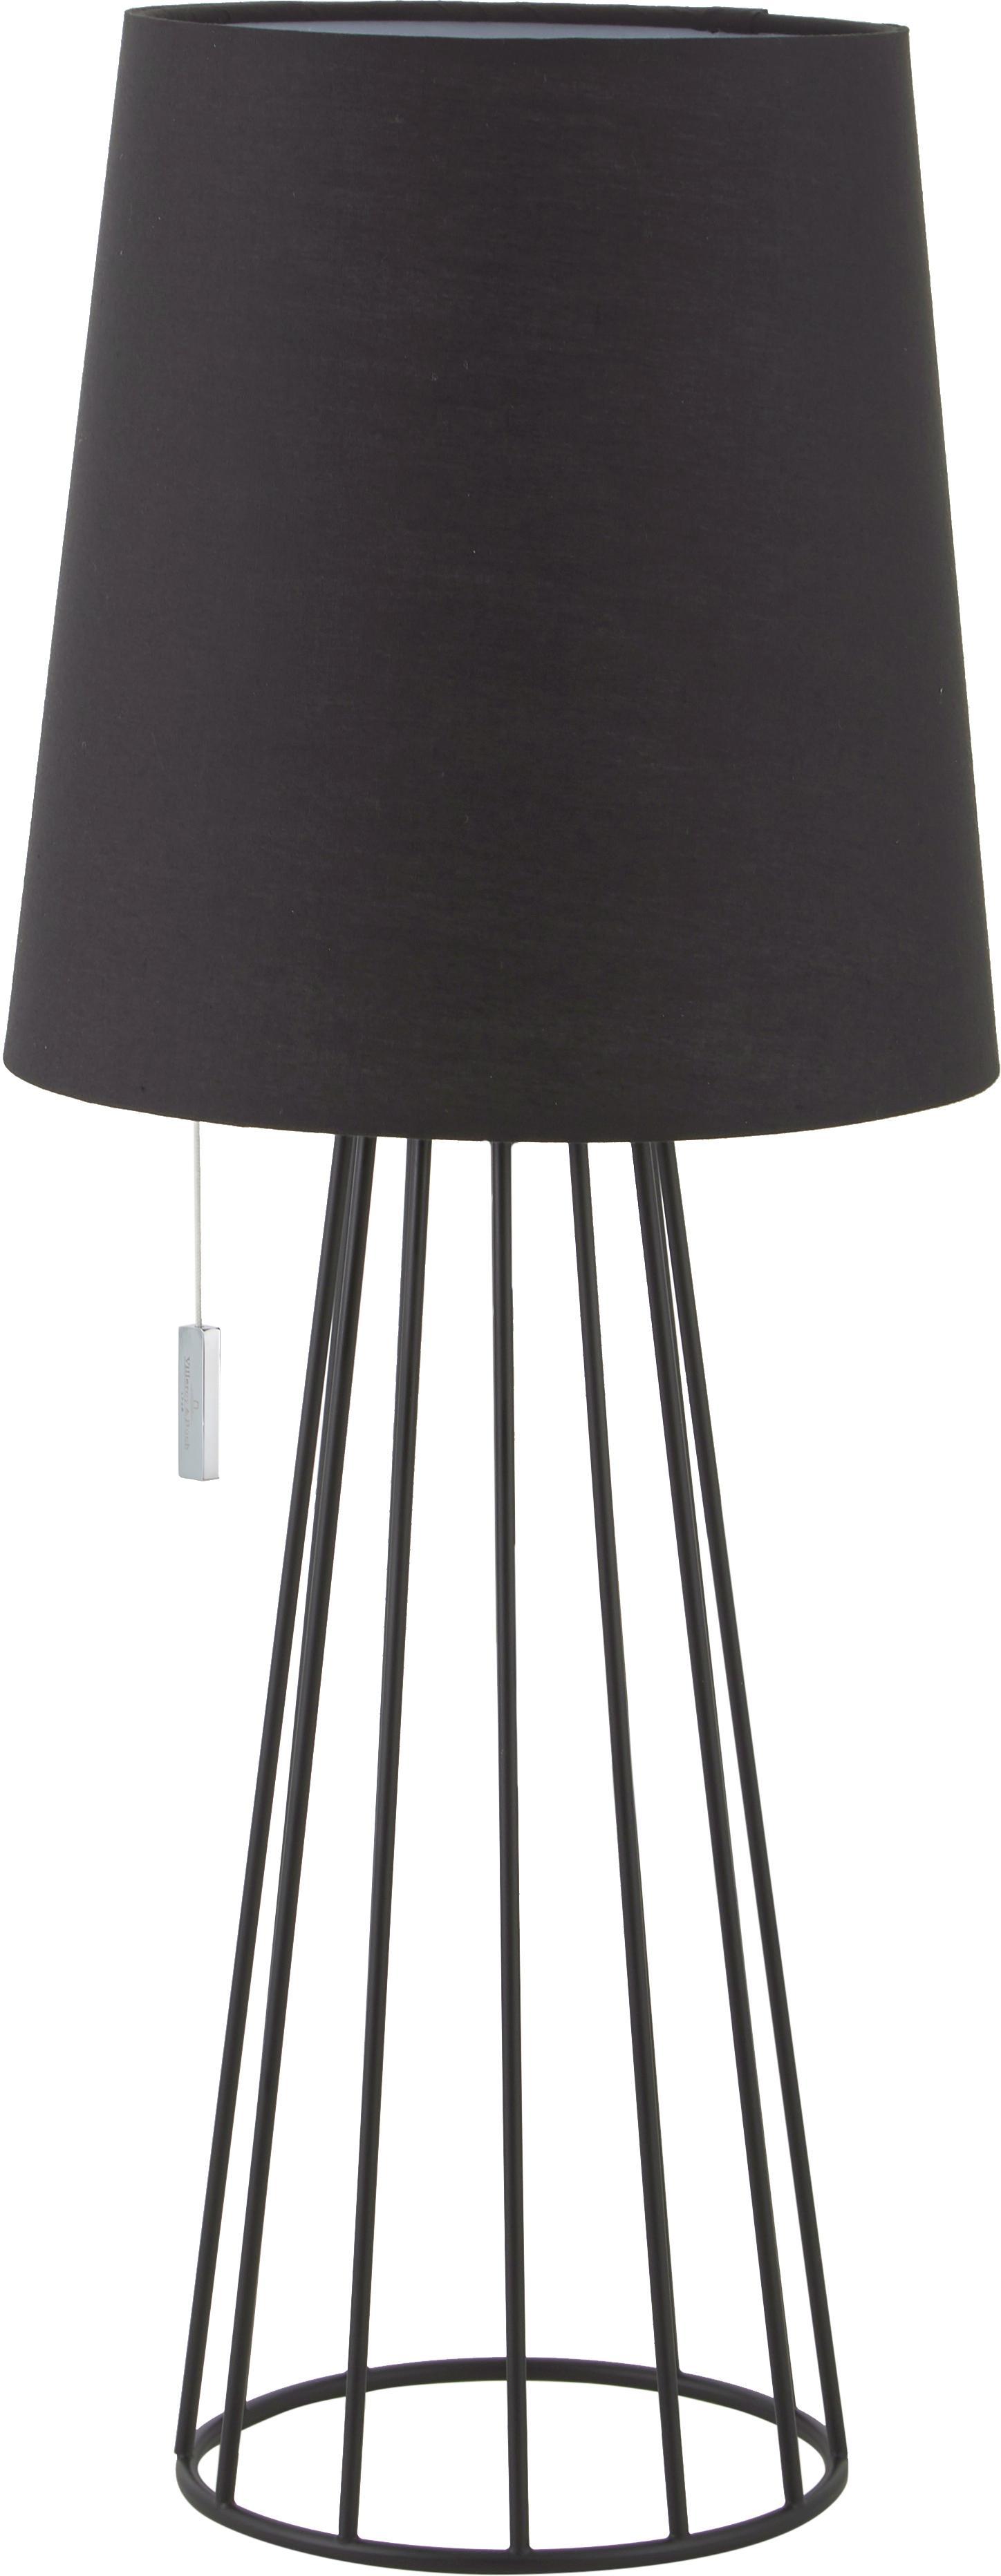 Grosse Tischlampe Mailand, schwarz, Ø 23 x H 59 cm